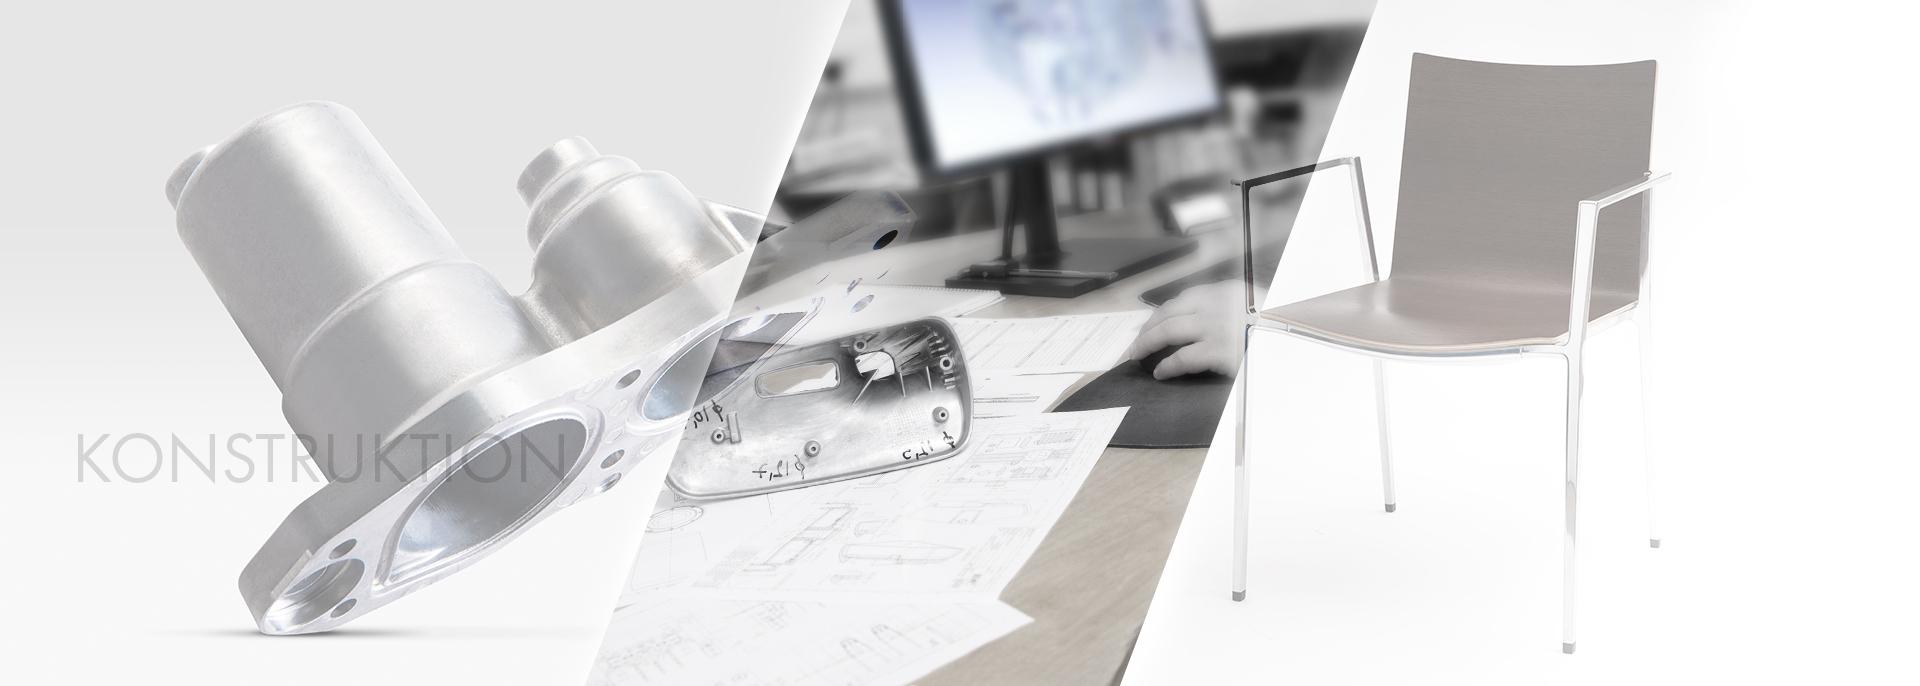 Konstruera aluminiumdetaljer